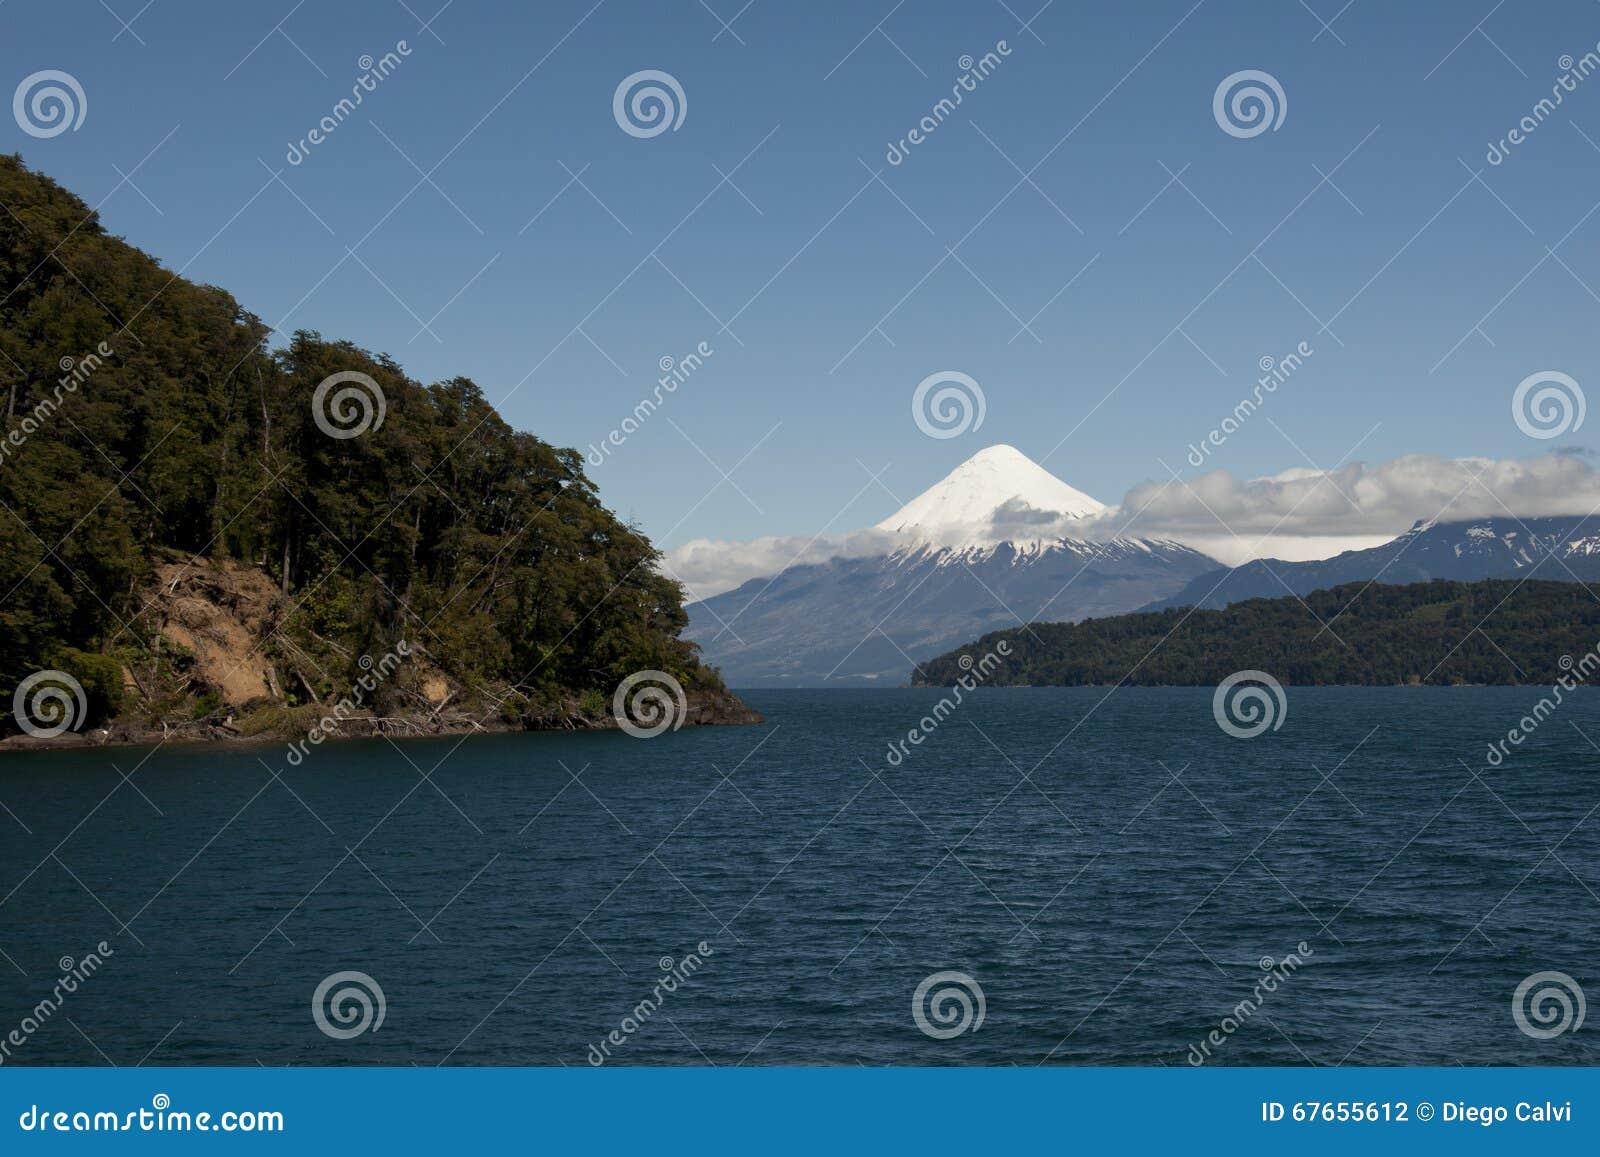 Lago de Todos los Santos with snowy Volcano